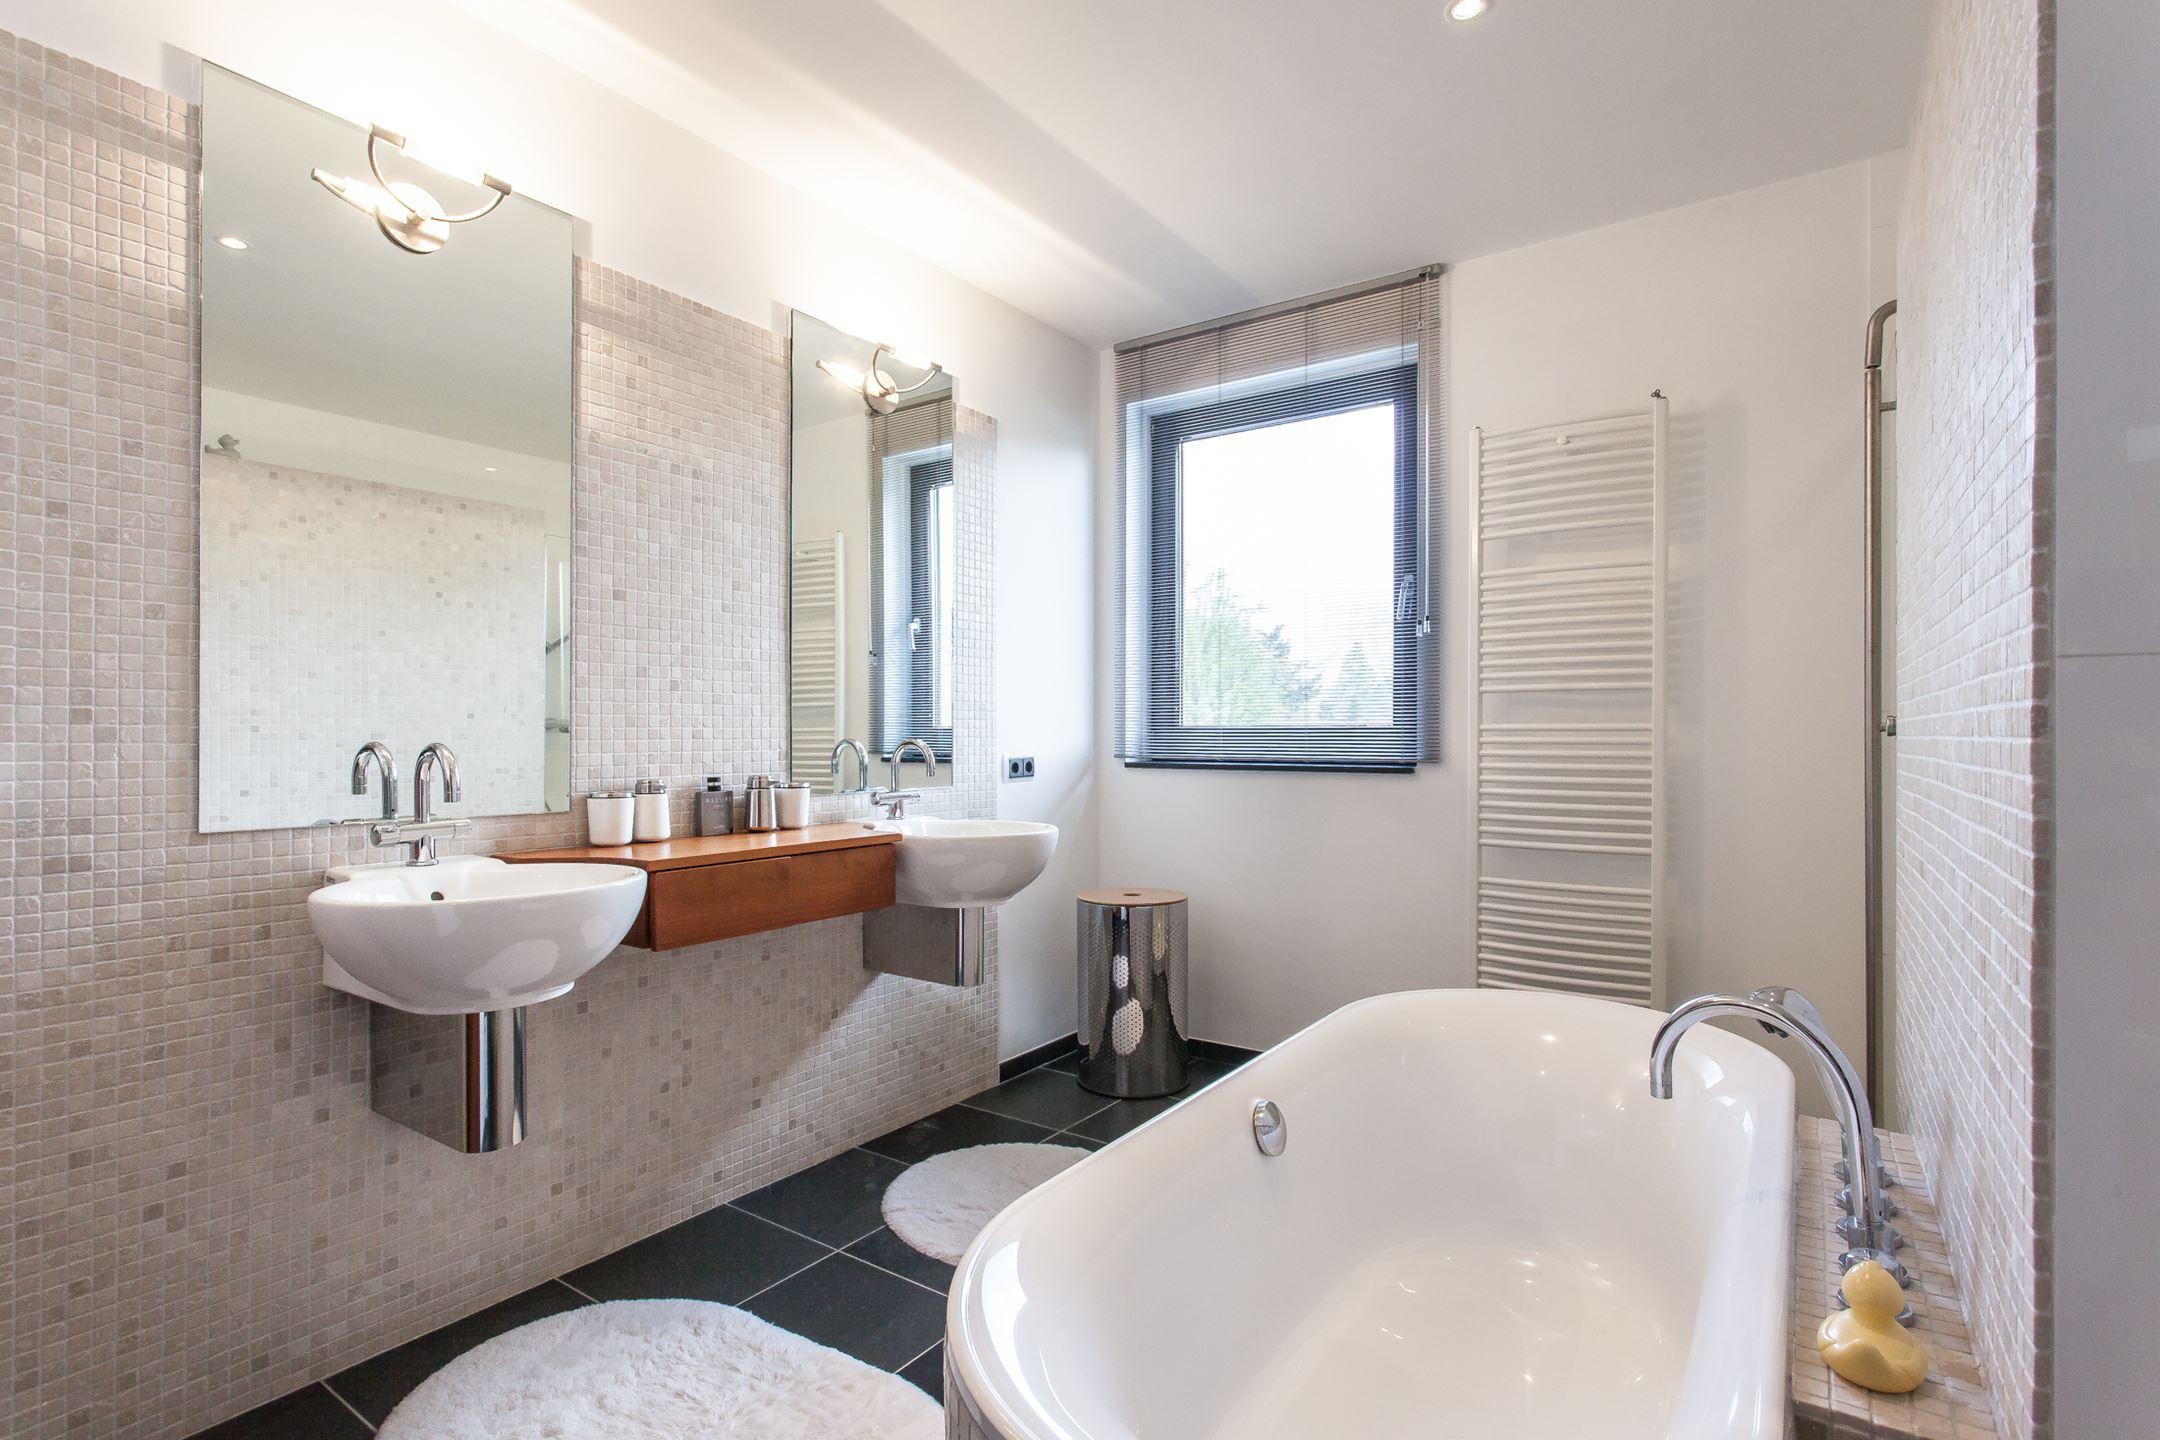 Badkamer En Toilet : Badkamer en toilet verbouwen bruinenberg hoogeveen meppel